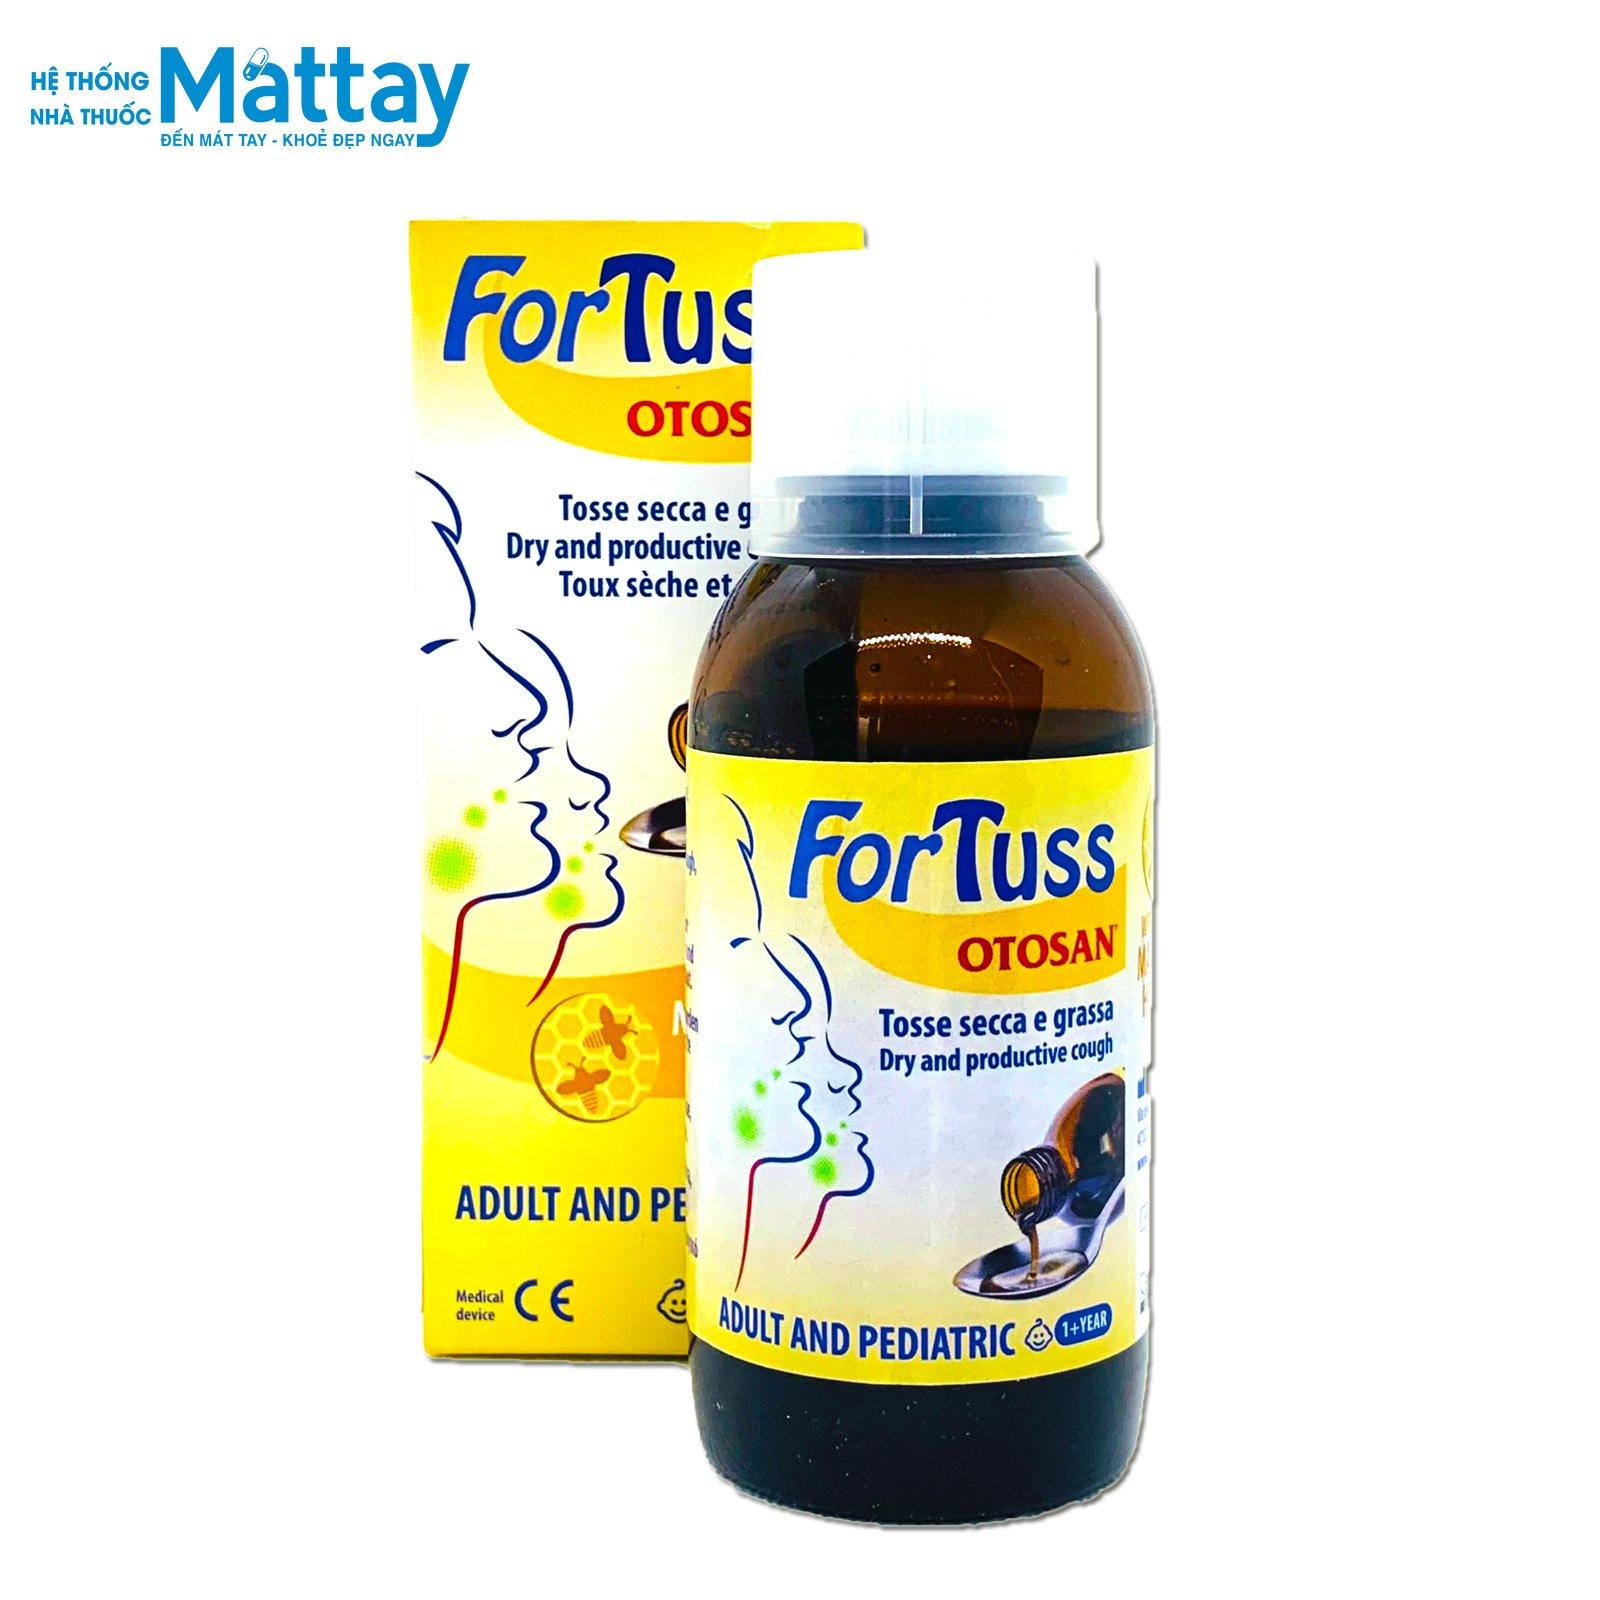 Fortuss Otosan – Làm dịu cơn ho hiệu quả